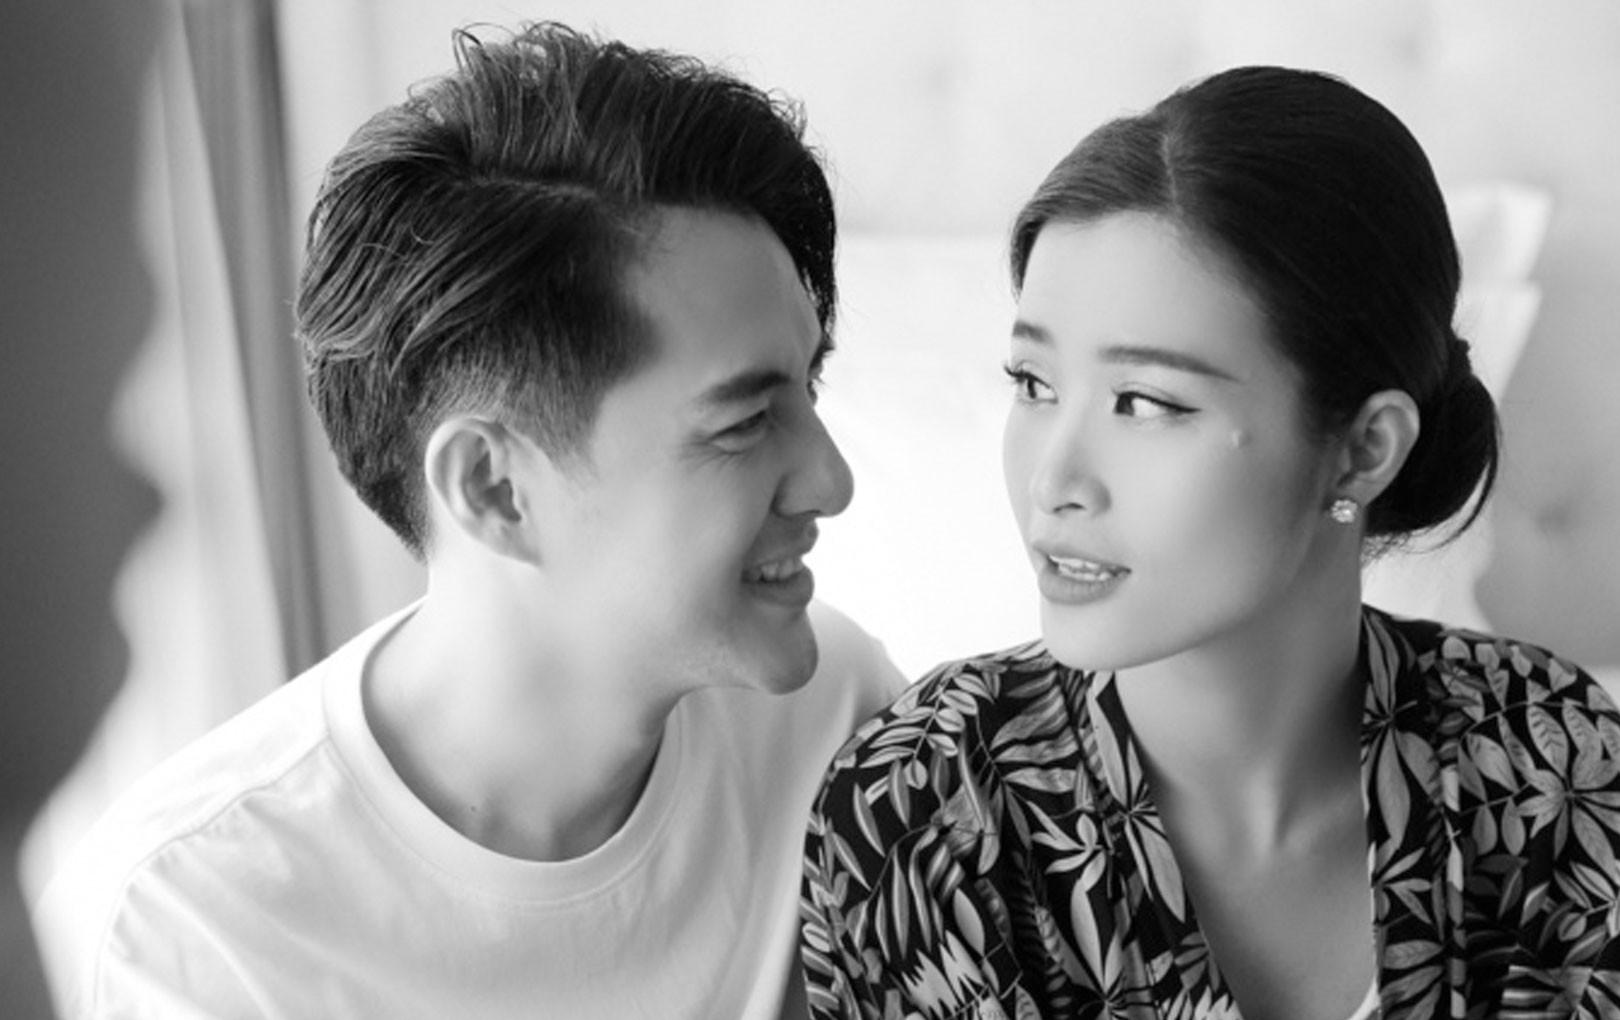 """Đông Nhi - Ông Cao Thắng tung loạt ảnh """"cùng nhìn nhau già nua"""" sau khi chính thức trở thành vợ chồng"""